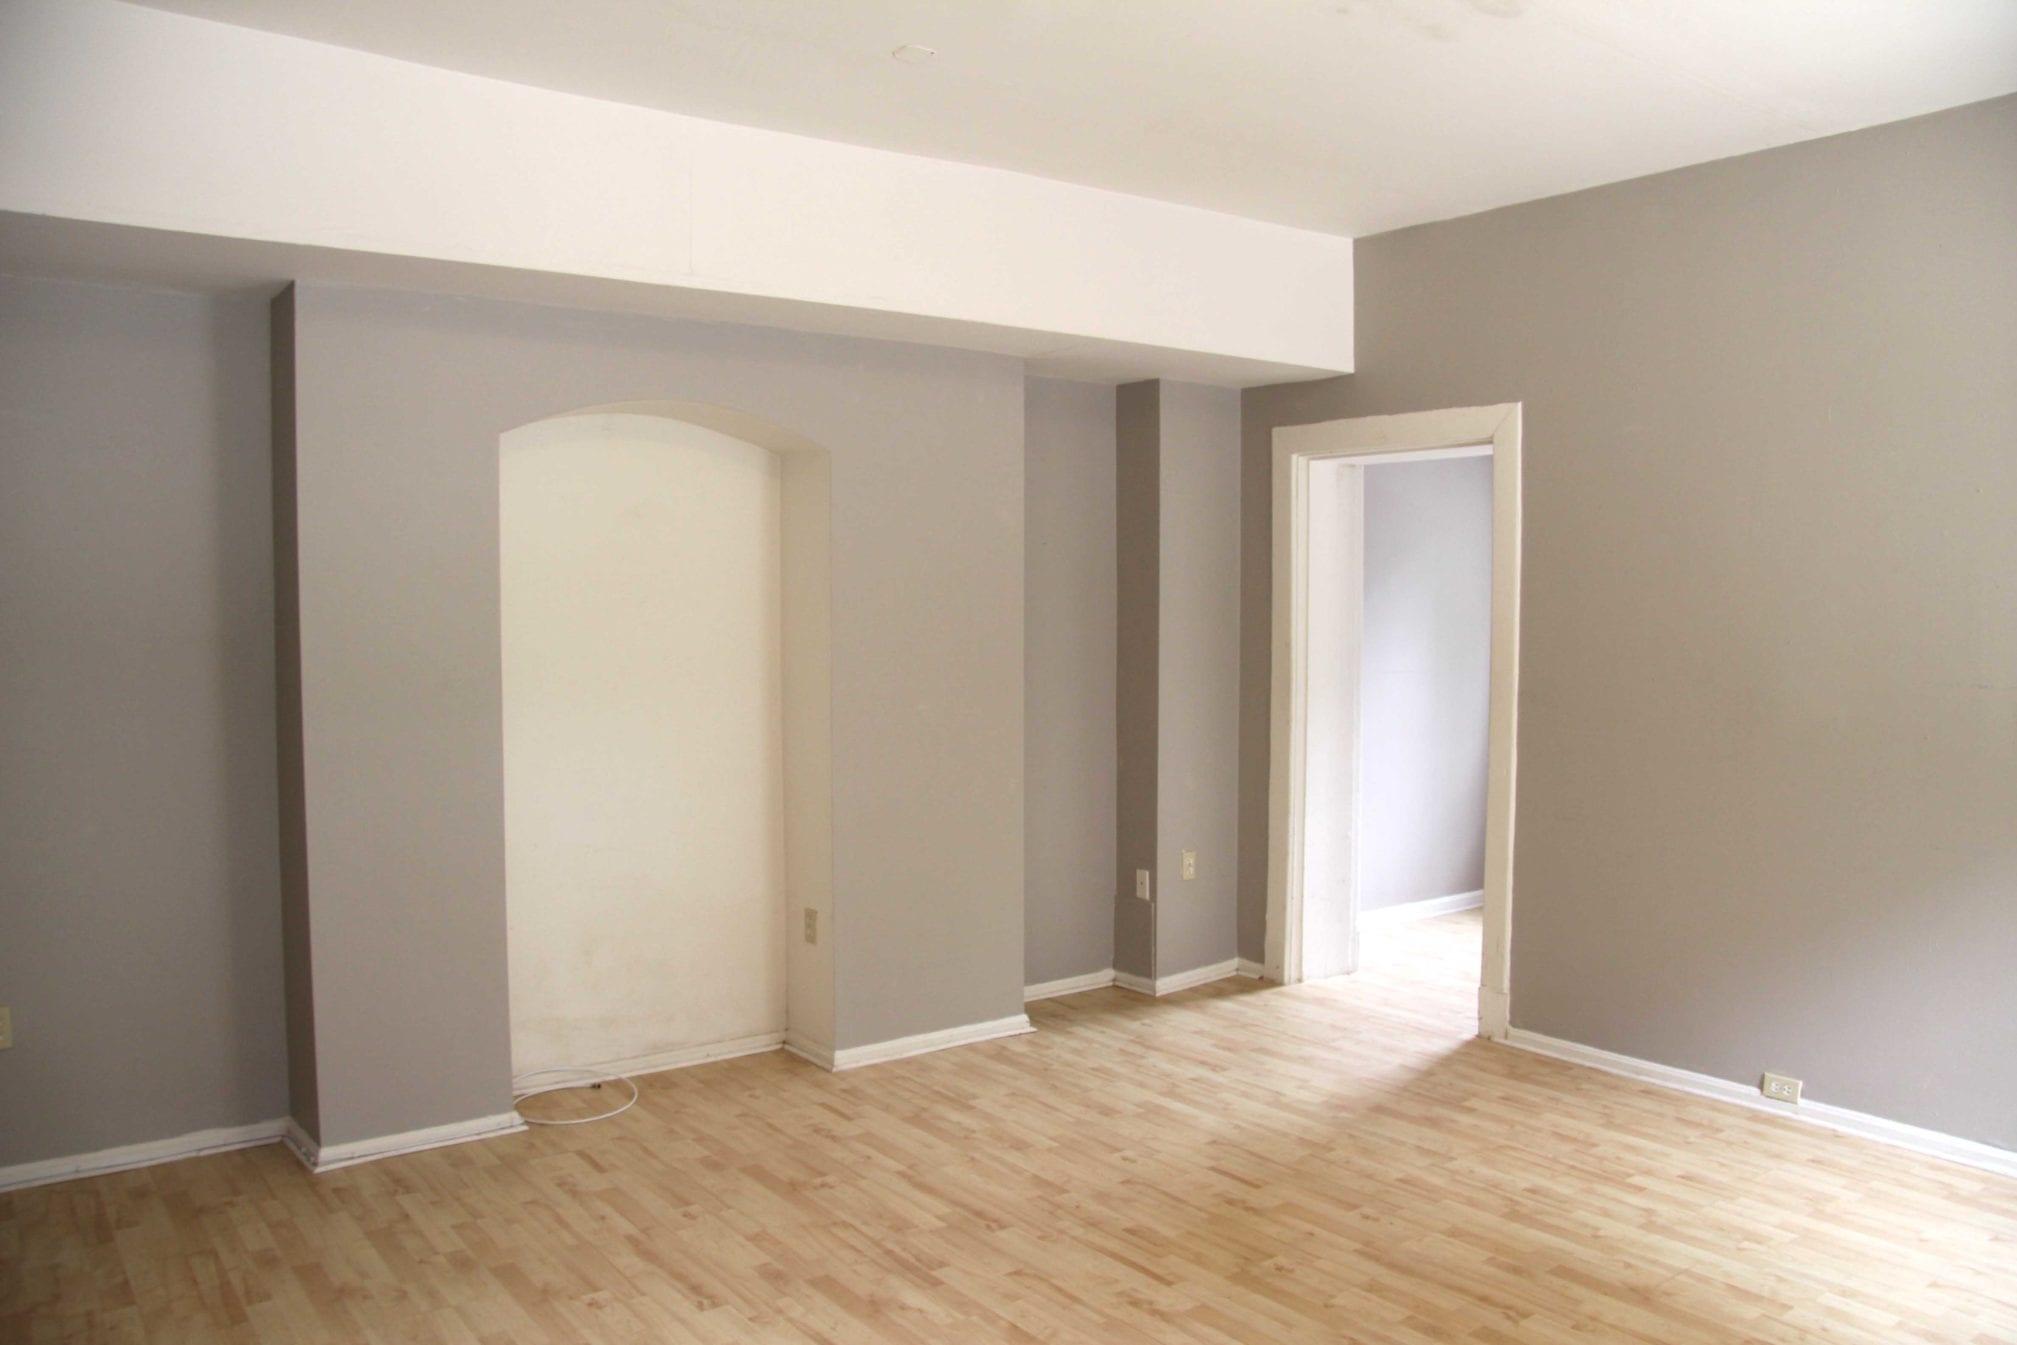 70 T2 Living Room